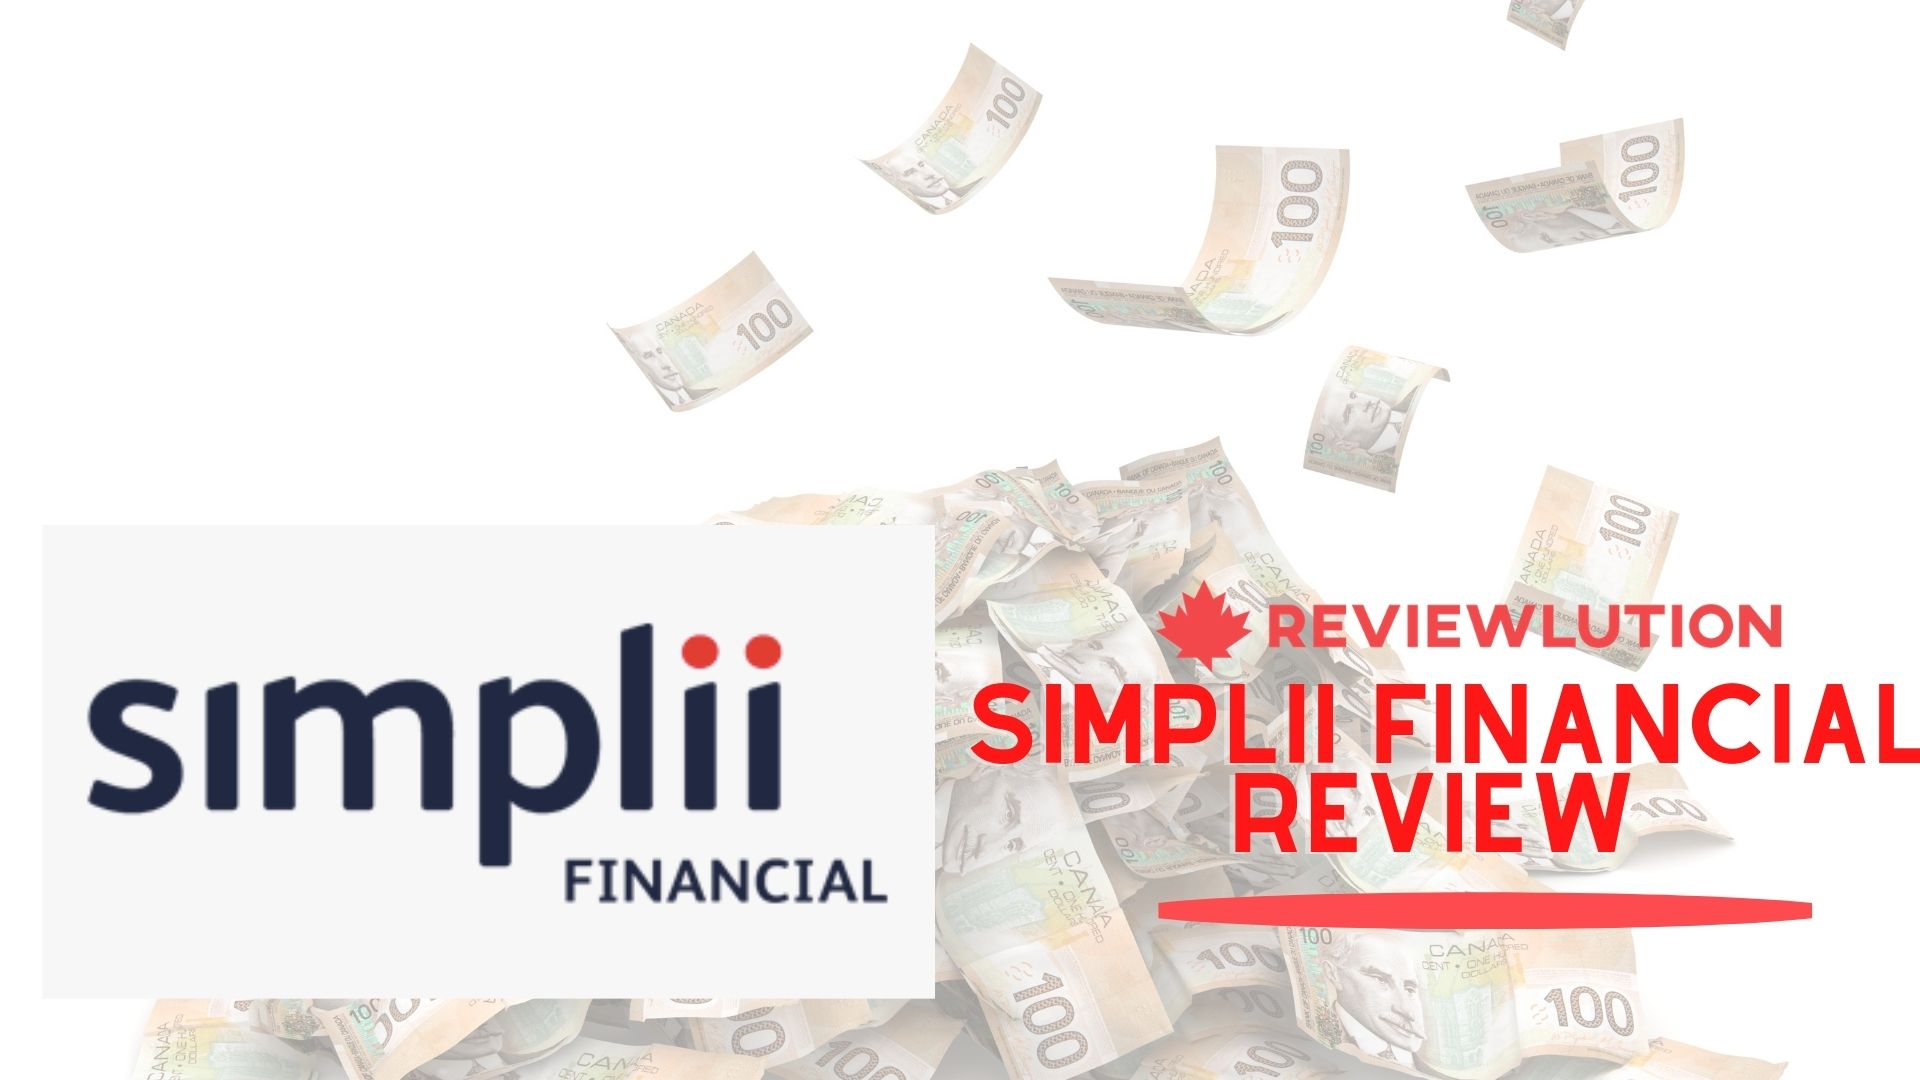 Simplii Financial